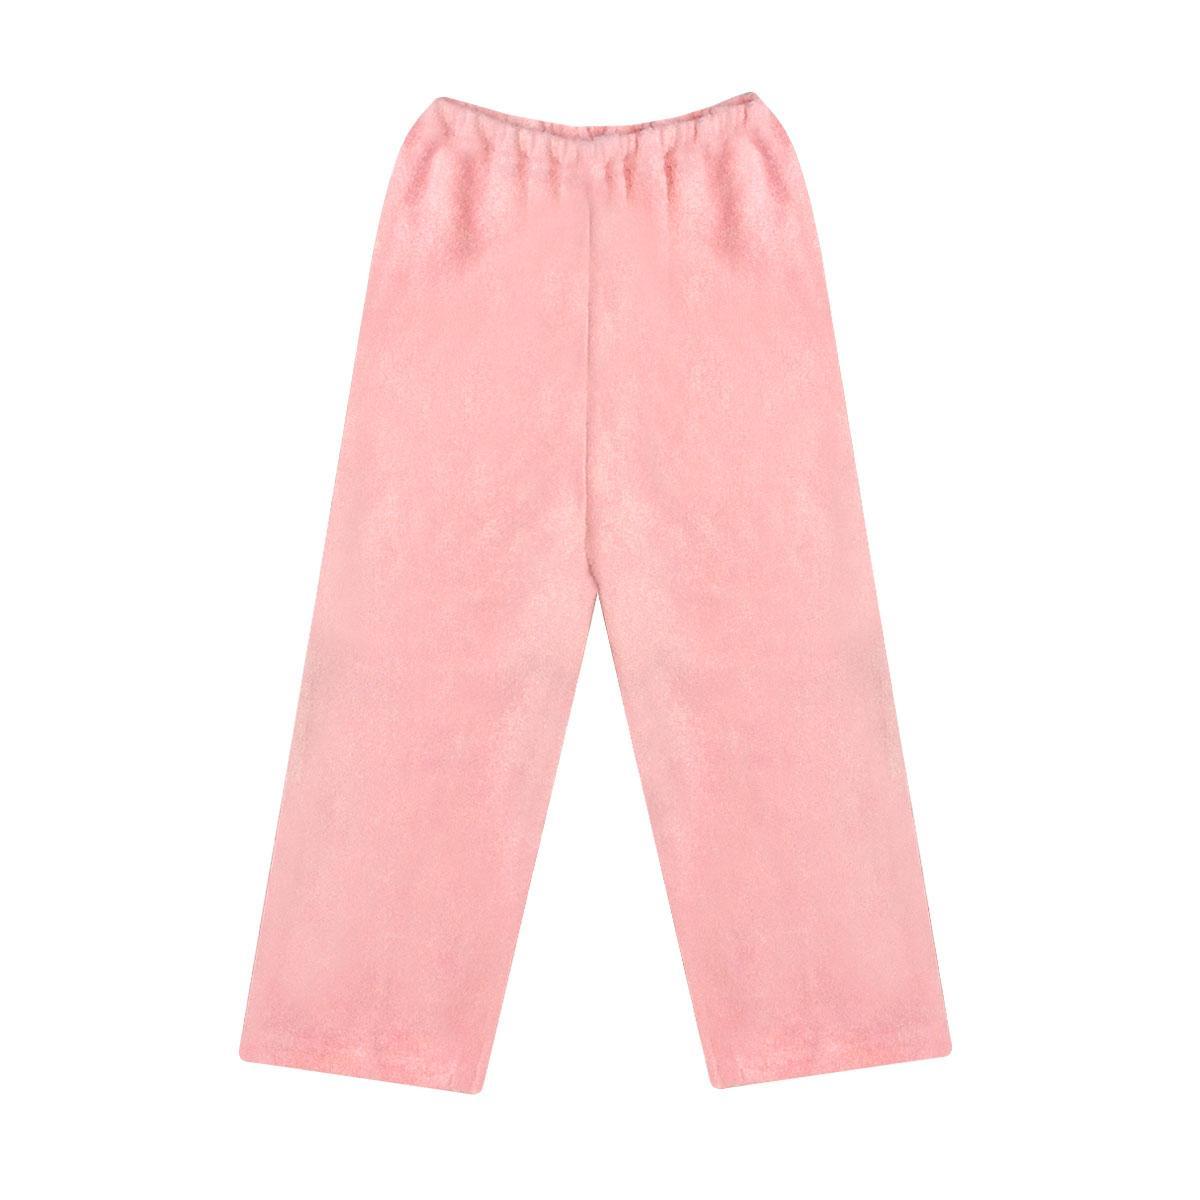 Тёплые детские штаны для девочки махра